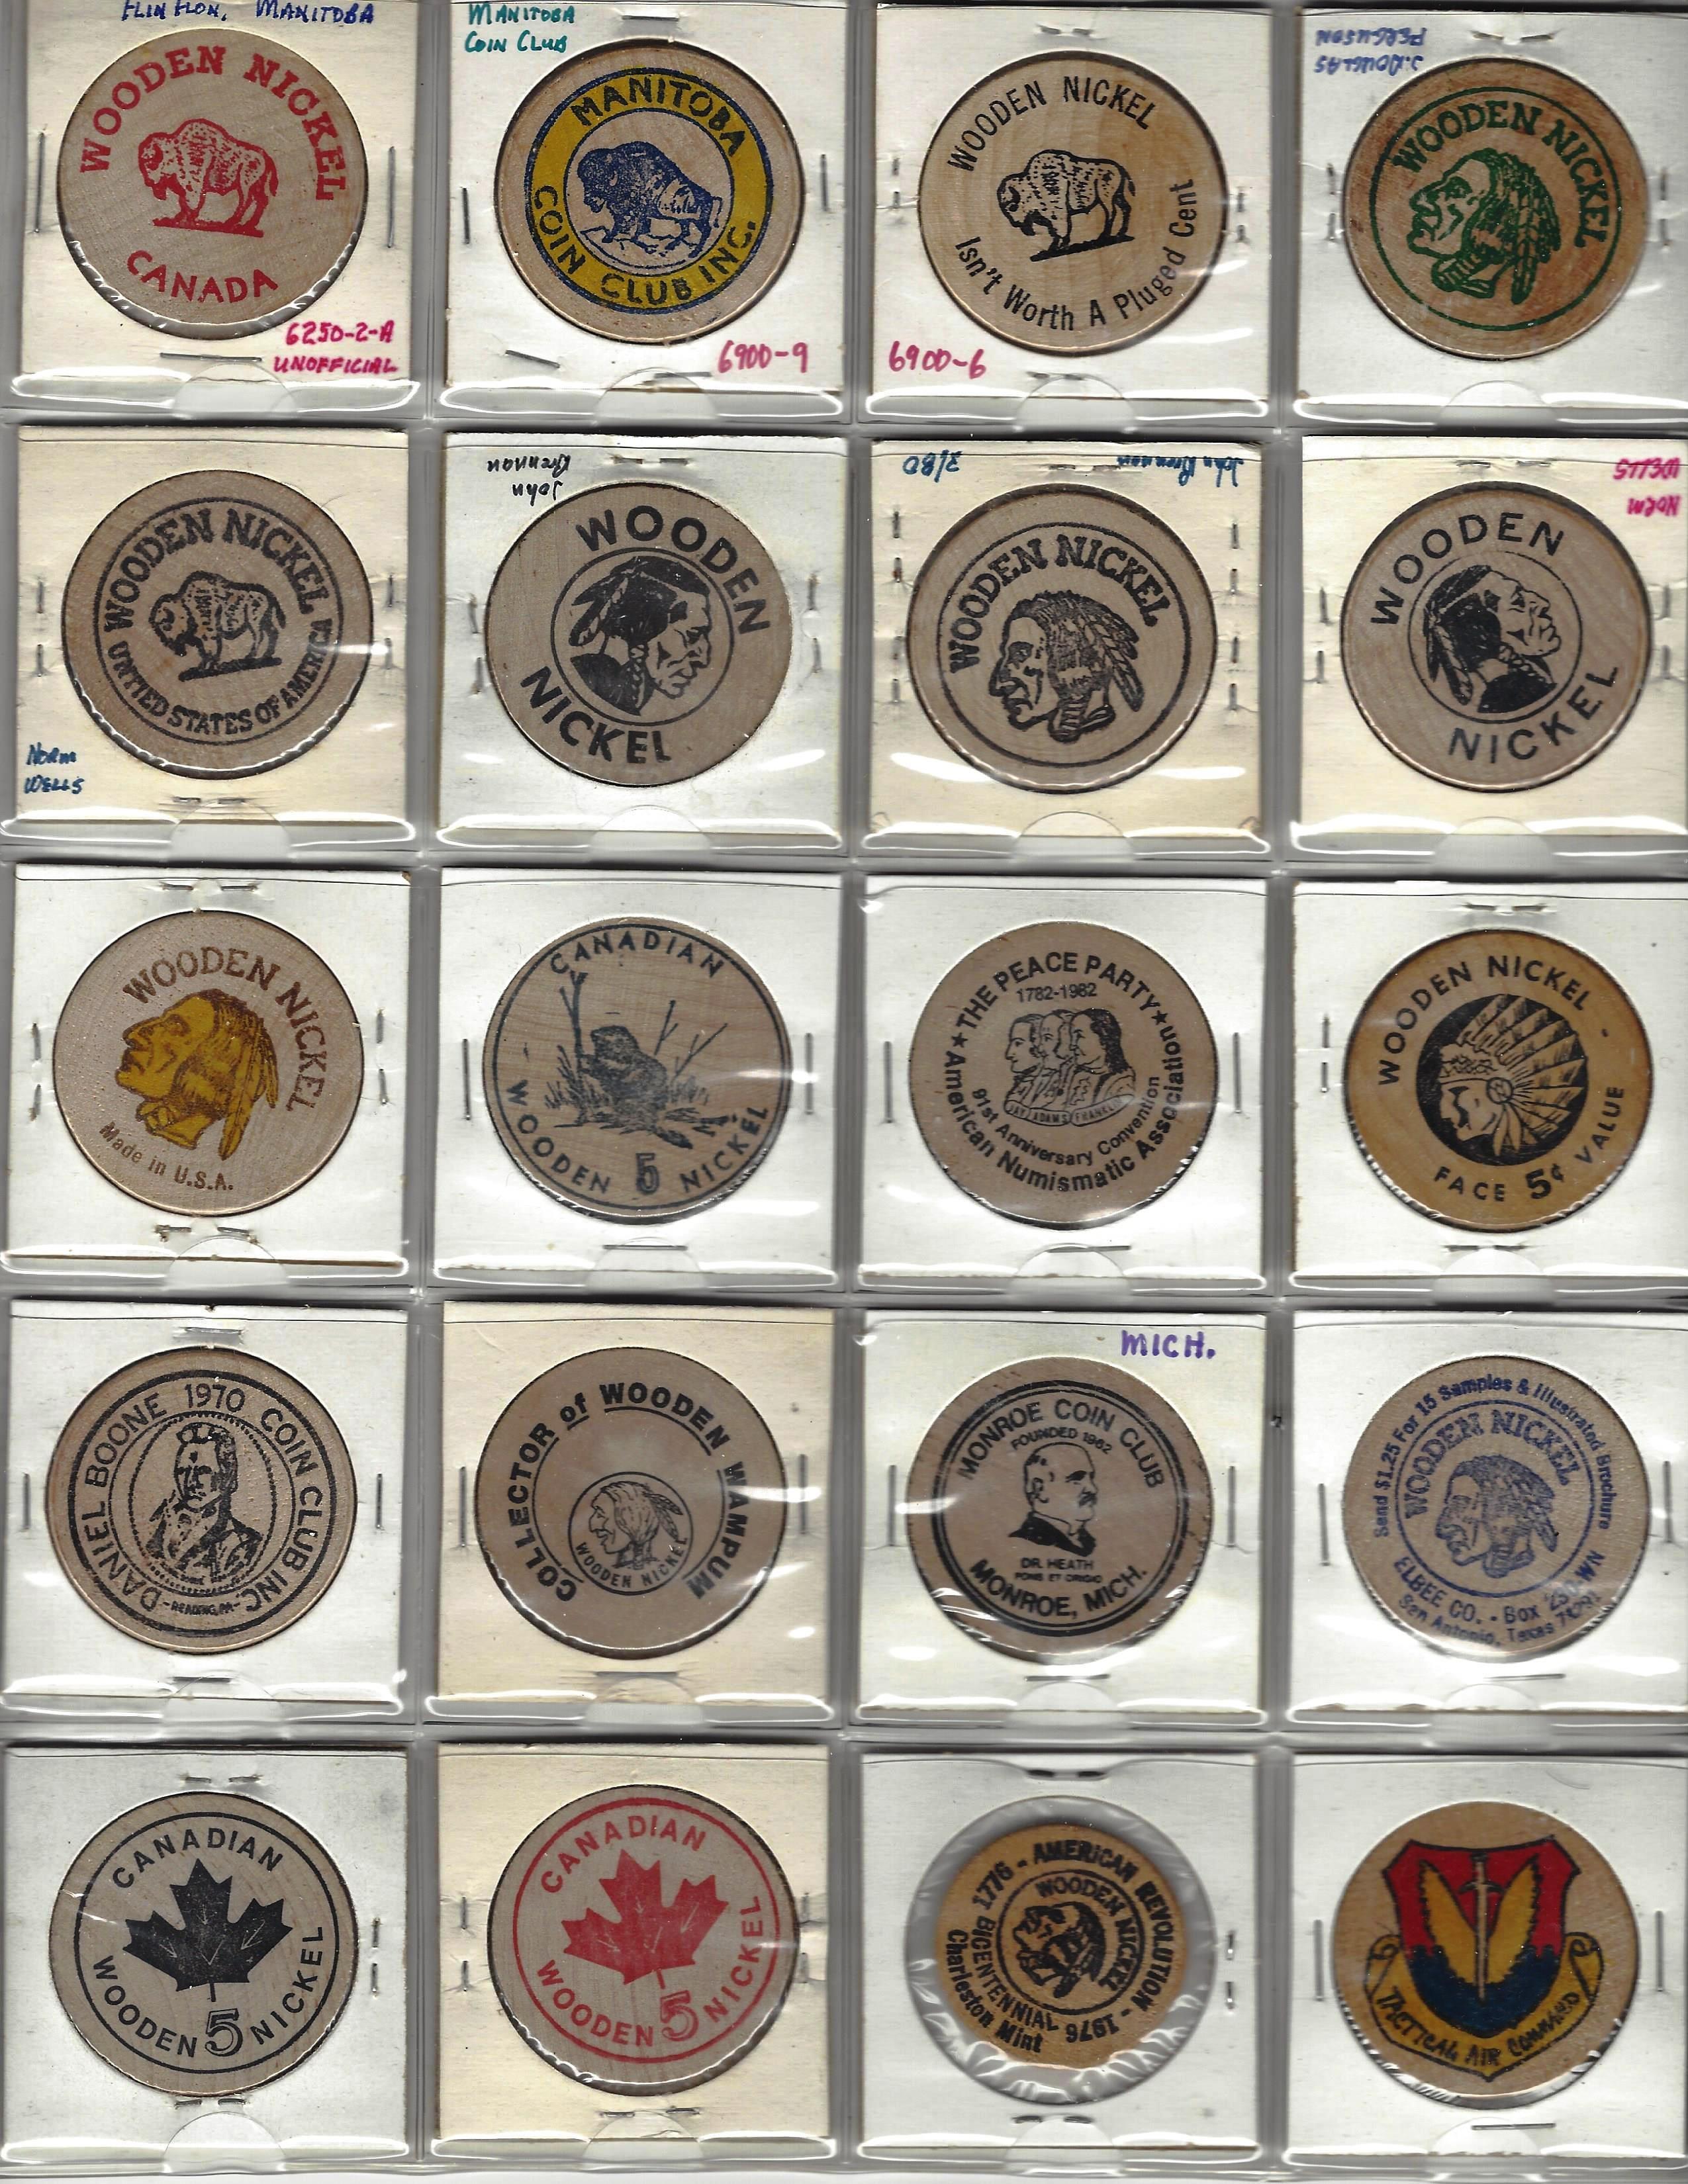 wooden-nickels-pg1.jpg